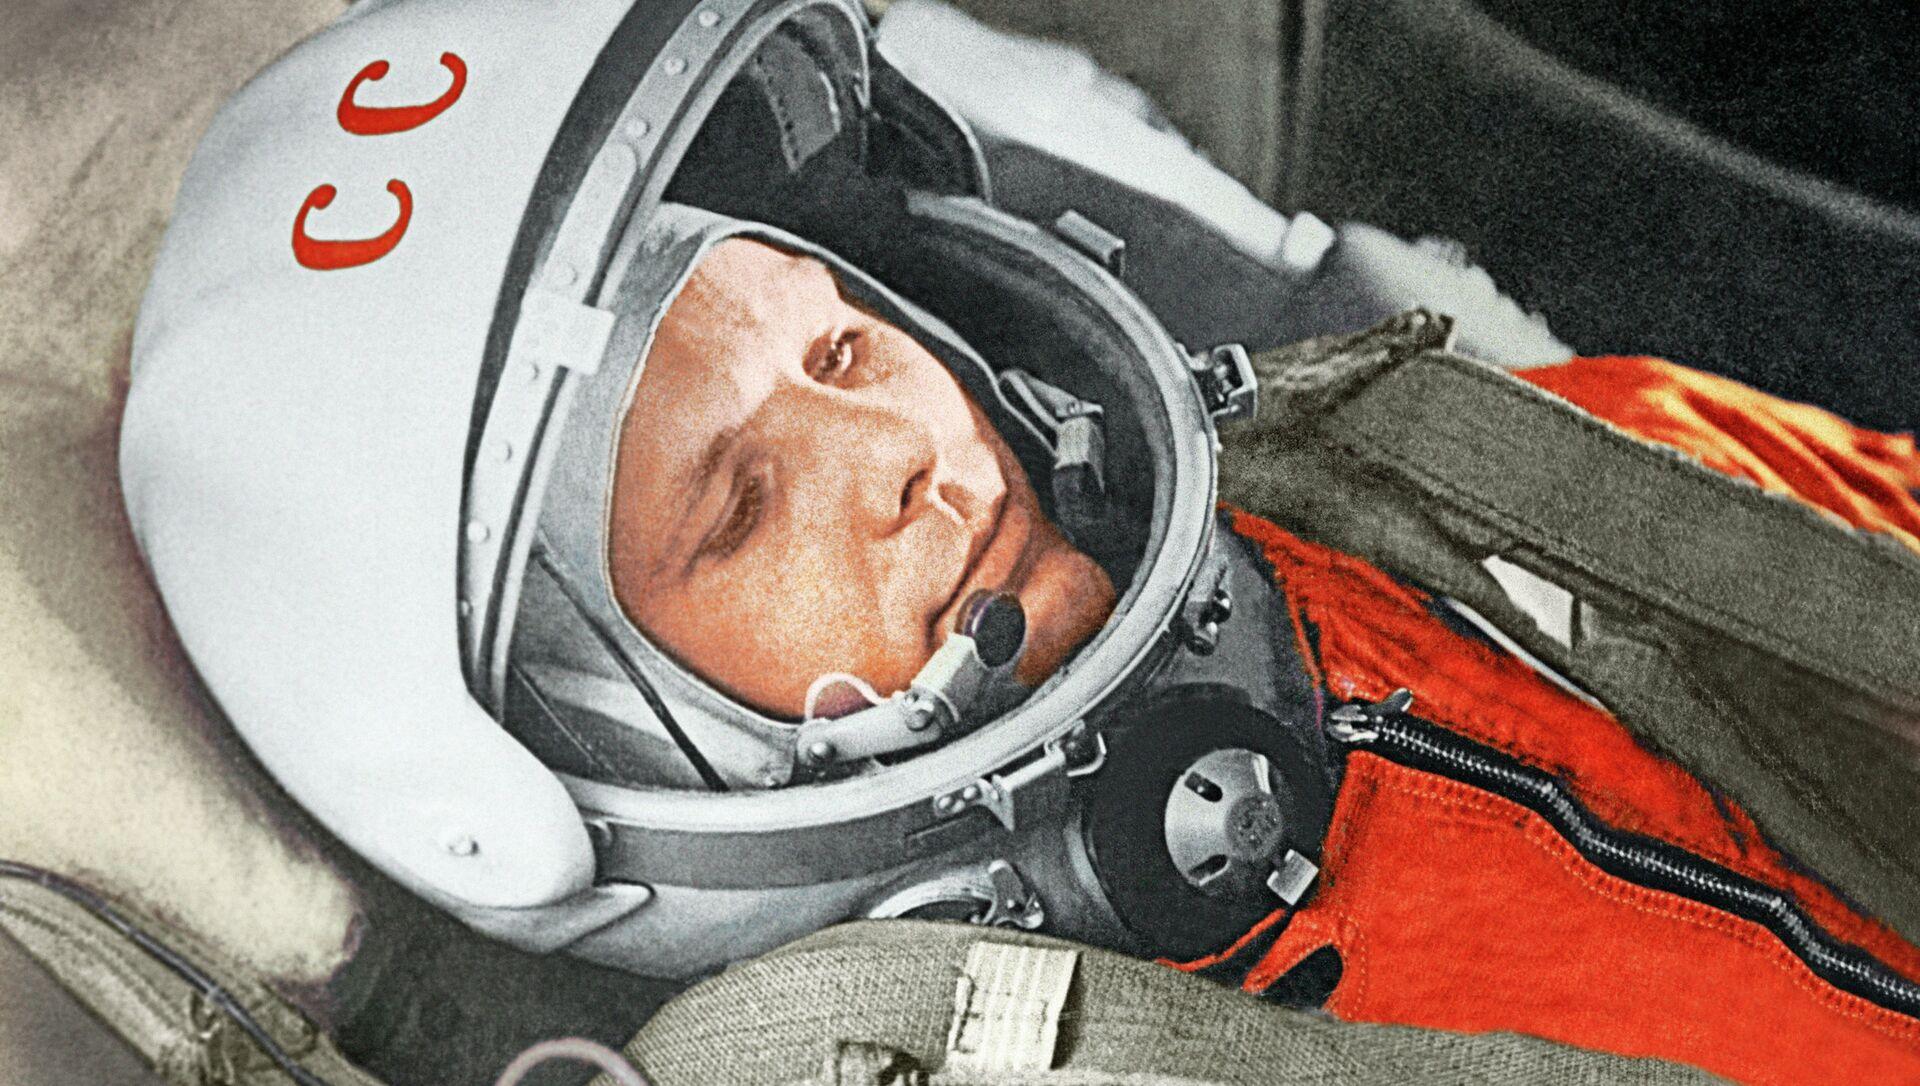 Yurij Gagarin a bordo della navicella Vostok-1 il 12 aprile 1961 - Sputnik Italia, 1920, 12.04.2021